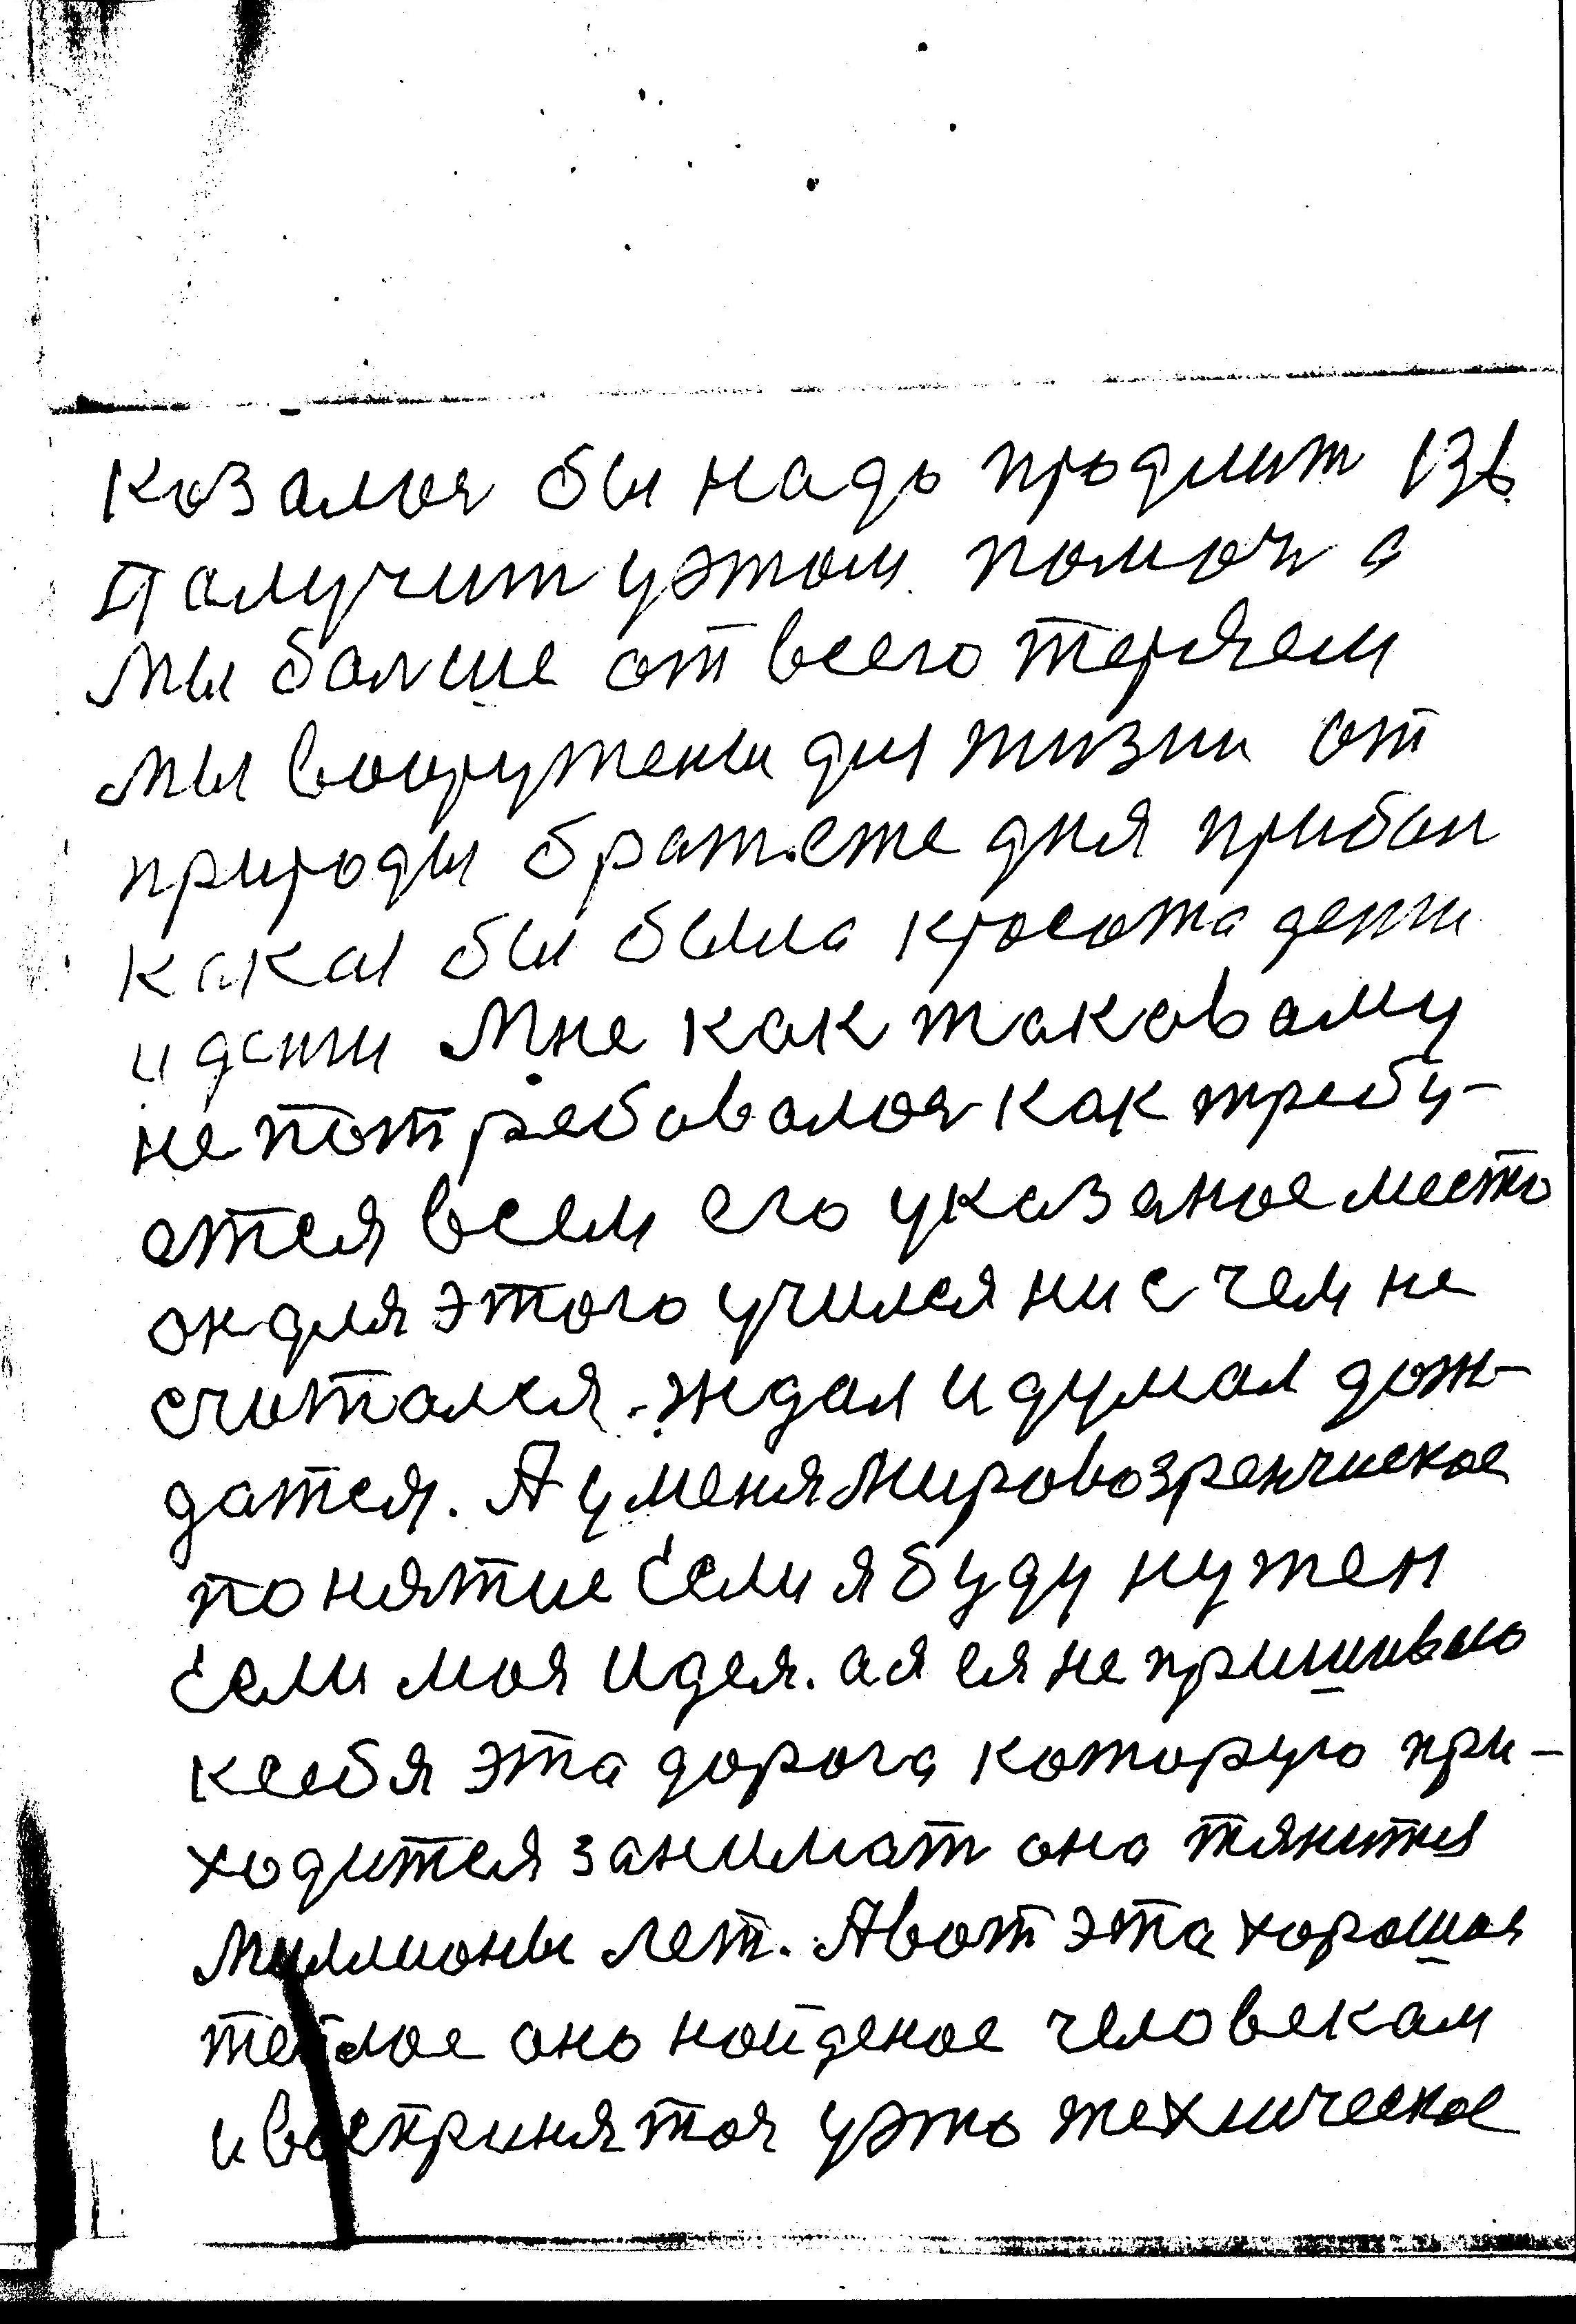 58-136.jpg